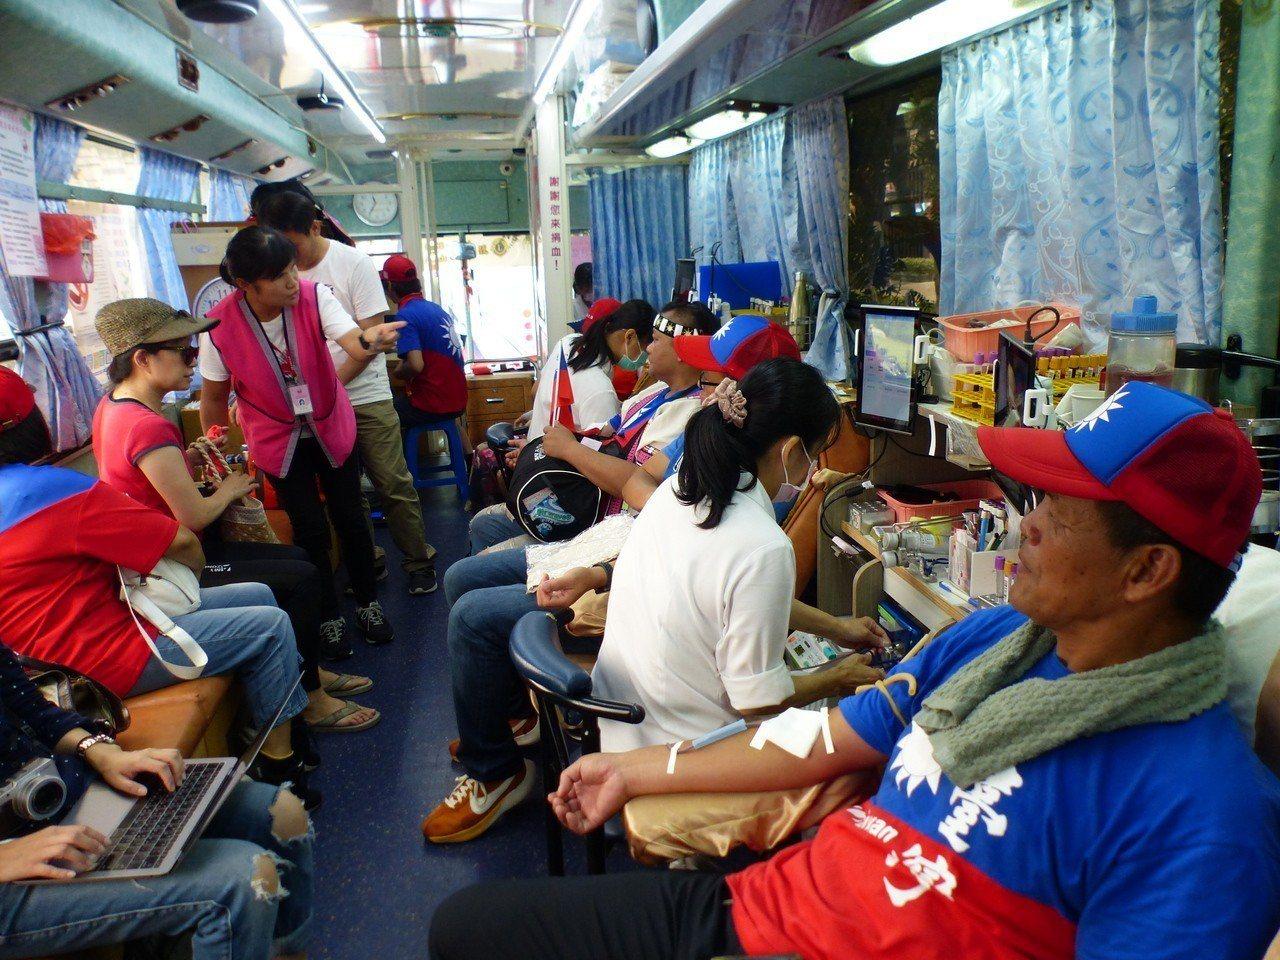 台中捐血中心今天在高雄市長韓國瑜台中造勢大會派駐2部捐血車募血,很多穿著國旗衣、...